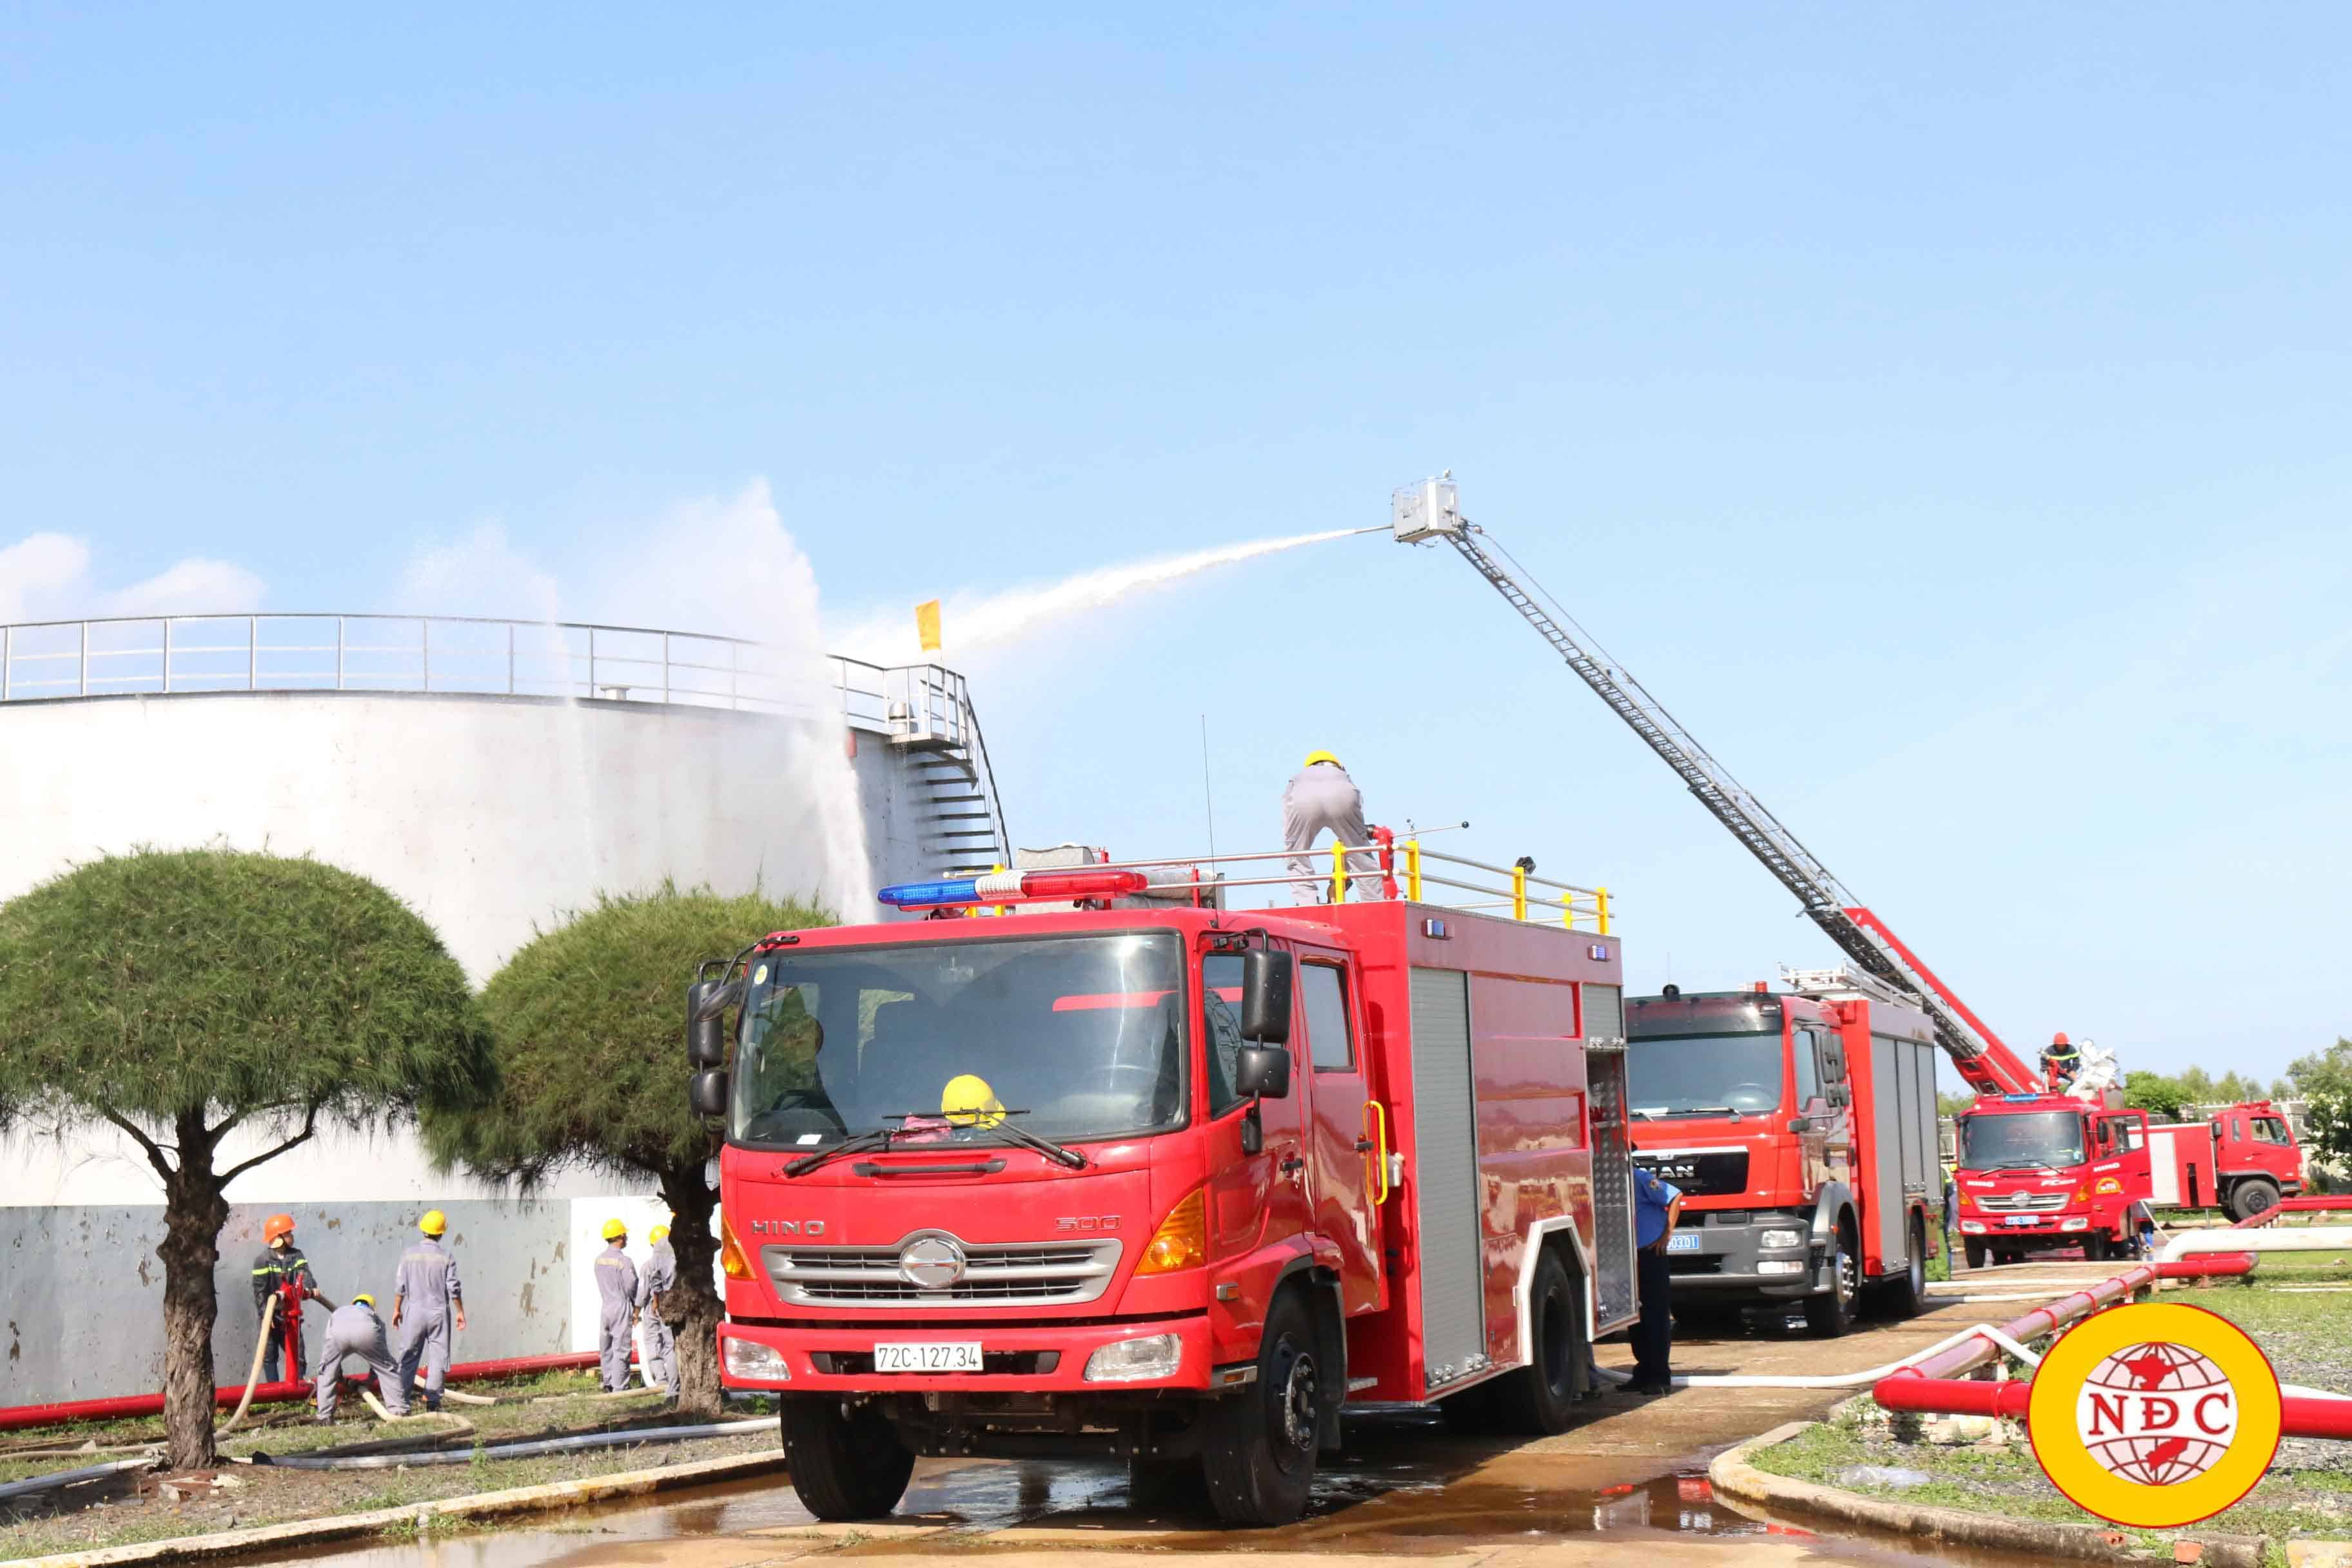 Cơ Sở Phòng Cháy Chữa Cháy TP.HCM Và Những Điều Liên Quan